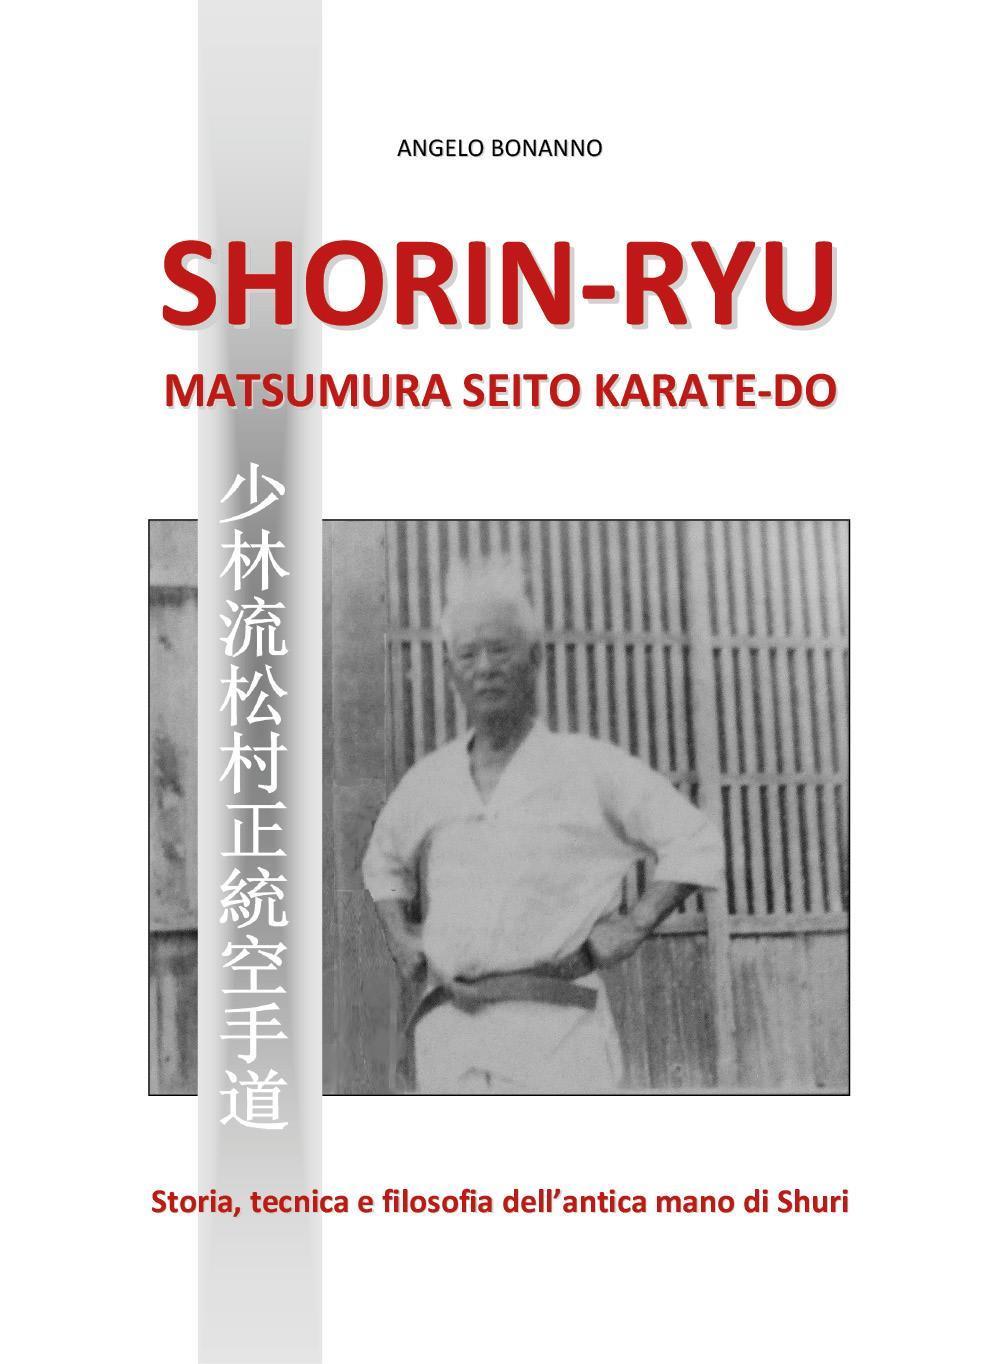 Shorin-ryu matsumura seito karate-do